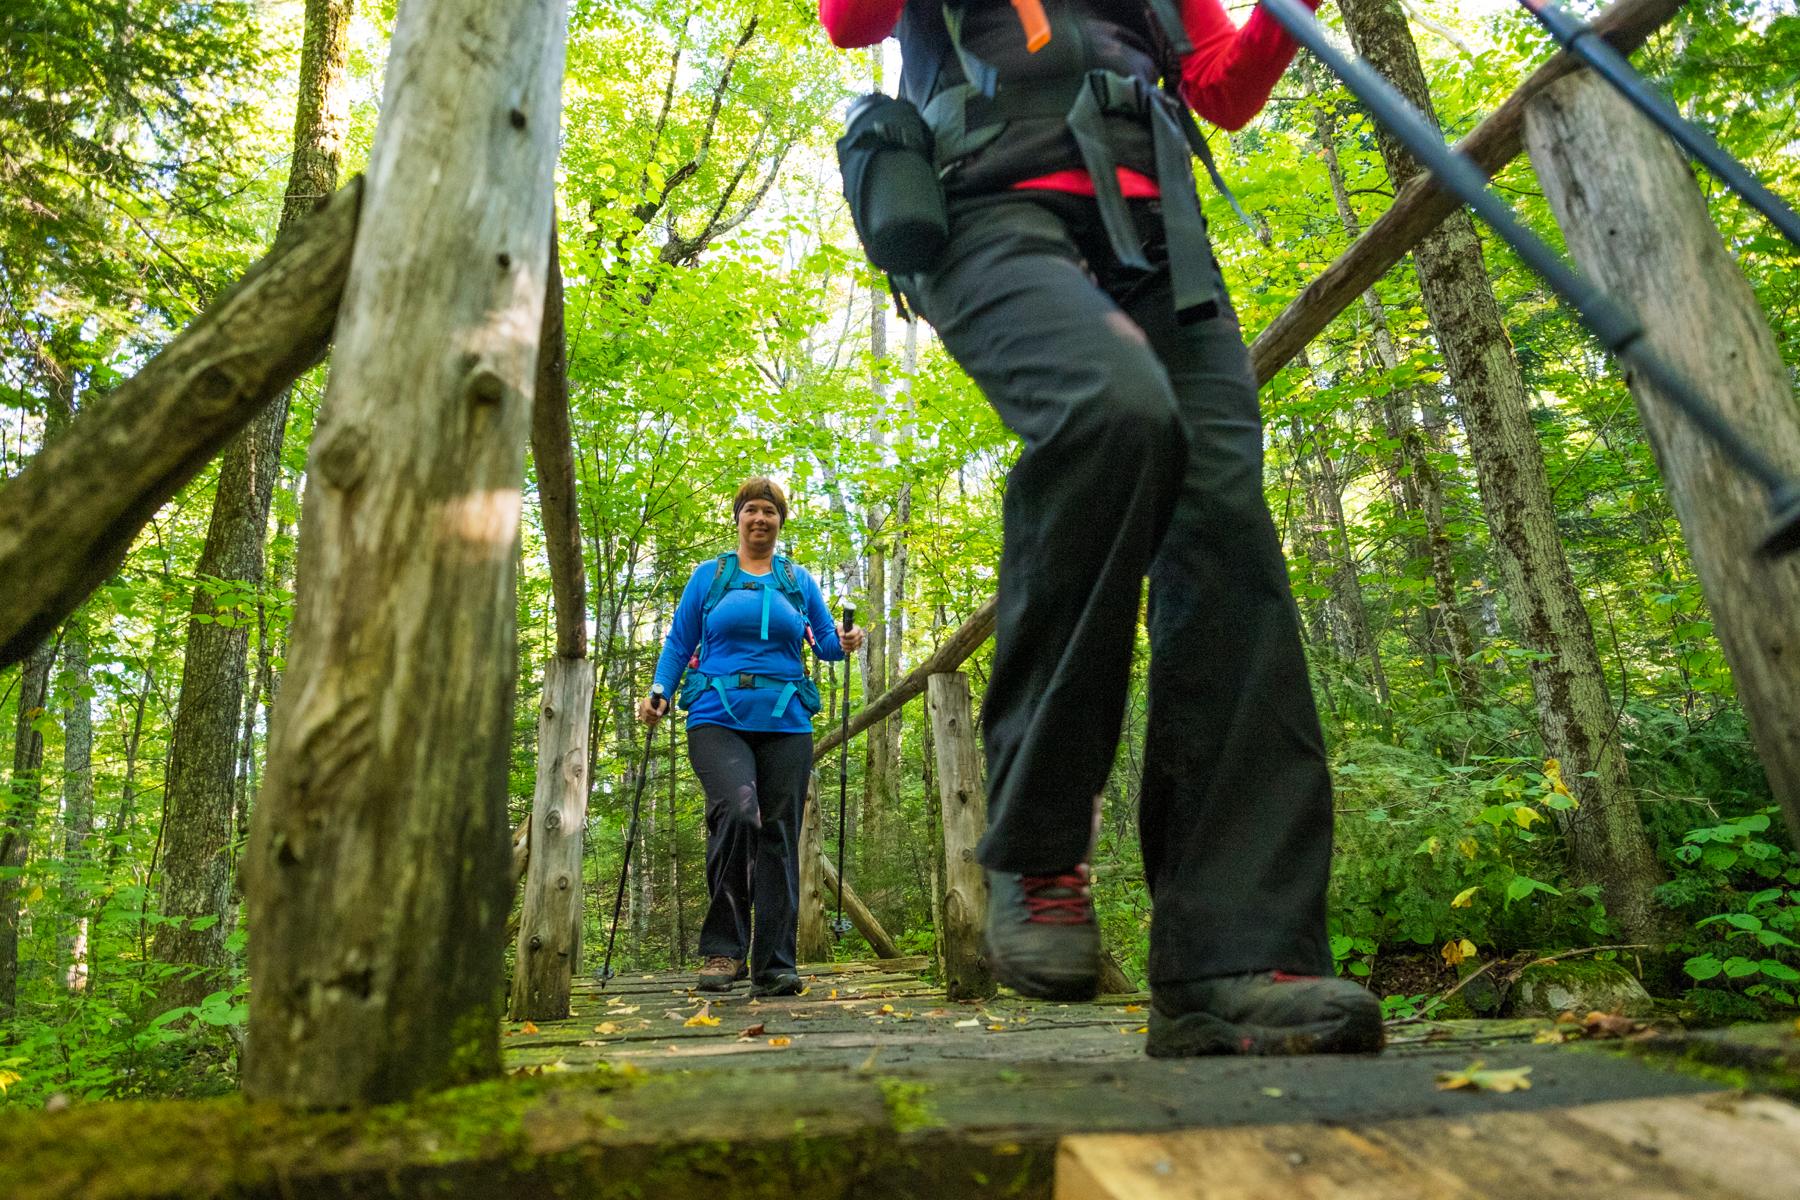 parc-montagne-du-diable-festival-santé-de-la-montagne-2015-020